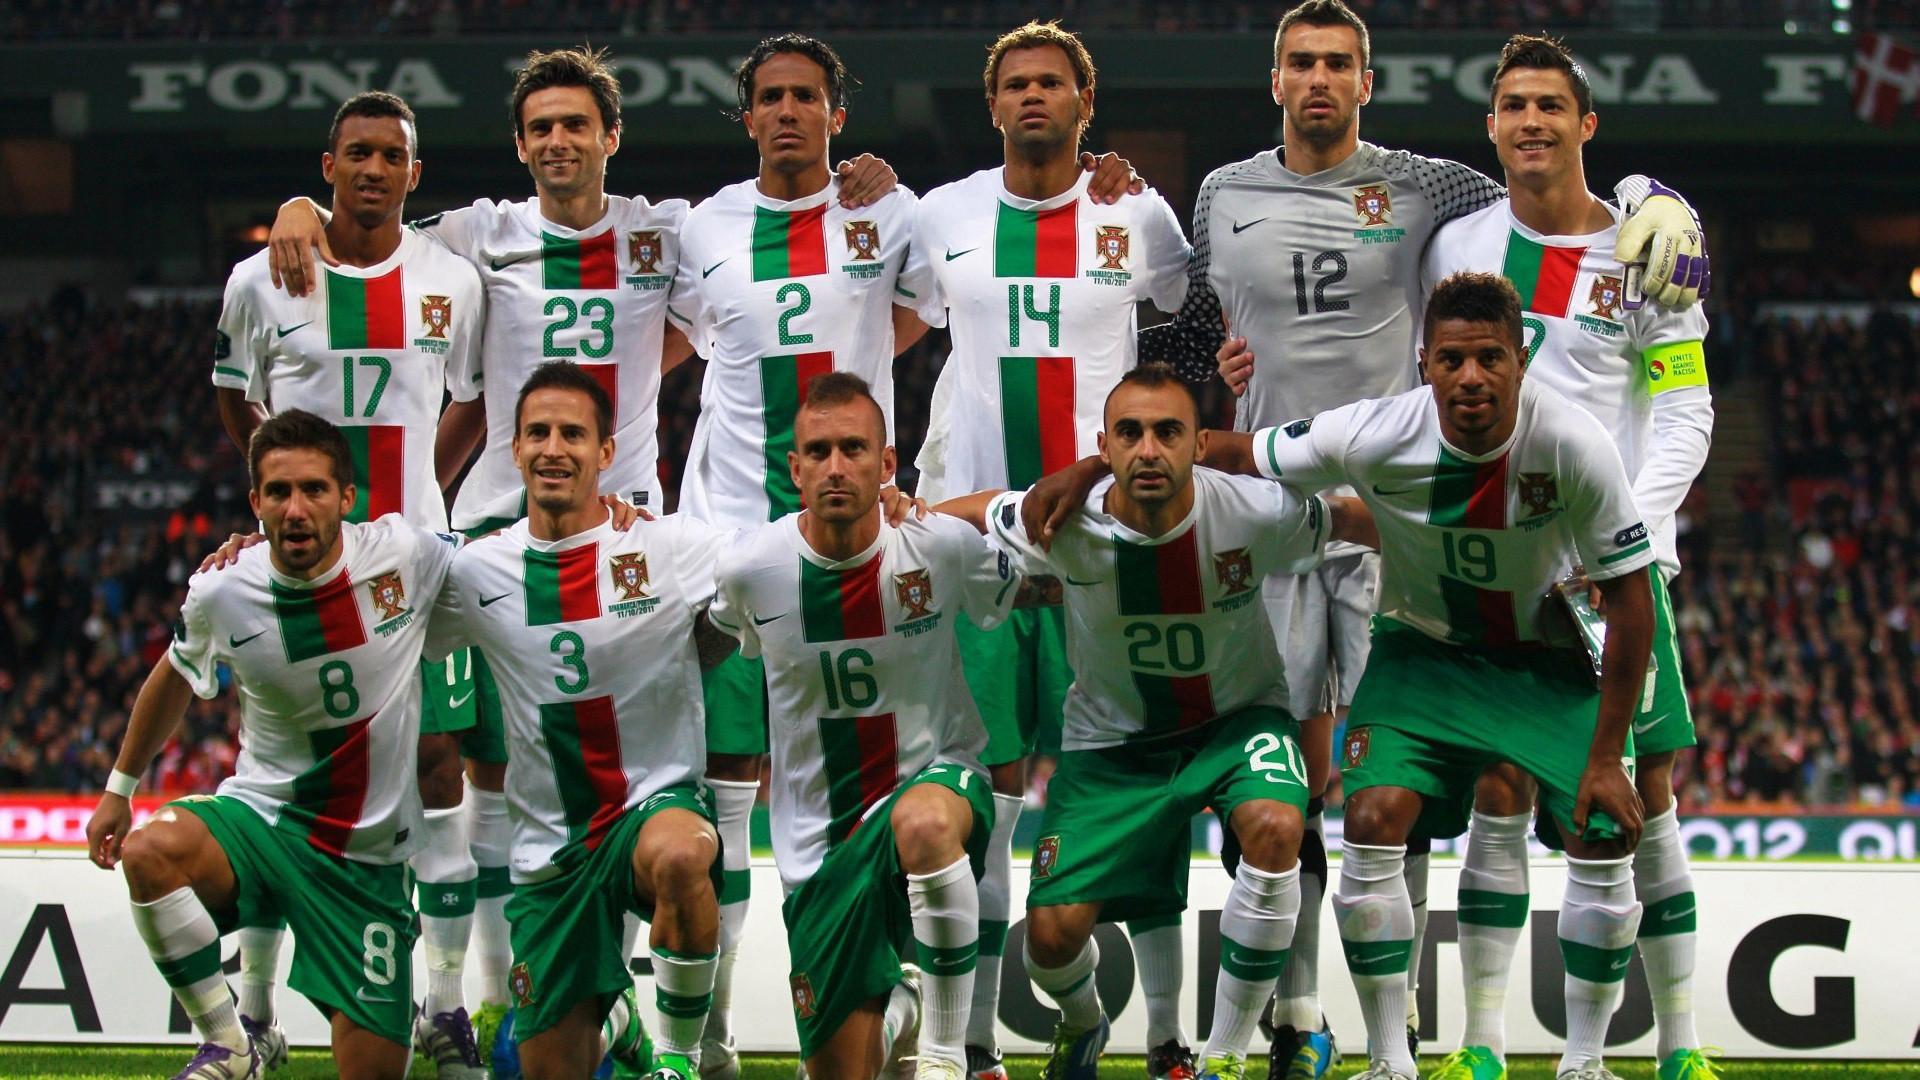 e06398faa78 1920x1080 1920x1080 1920x1080 Portugal Football Team World Cup 2014